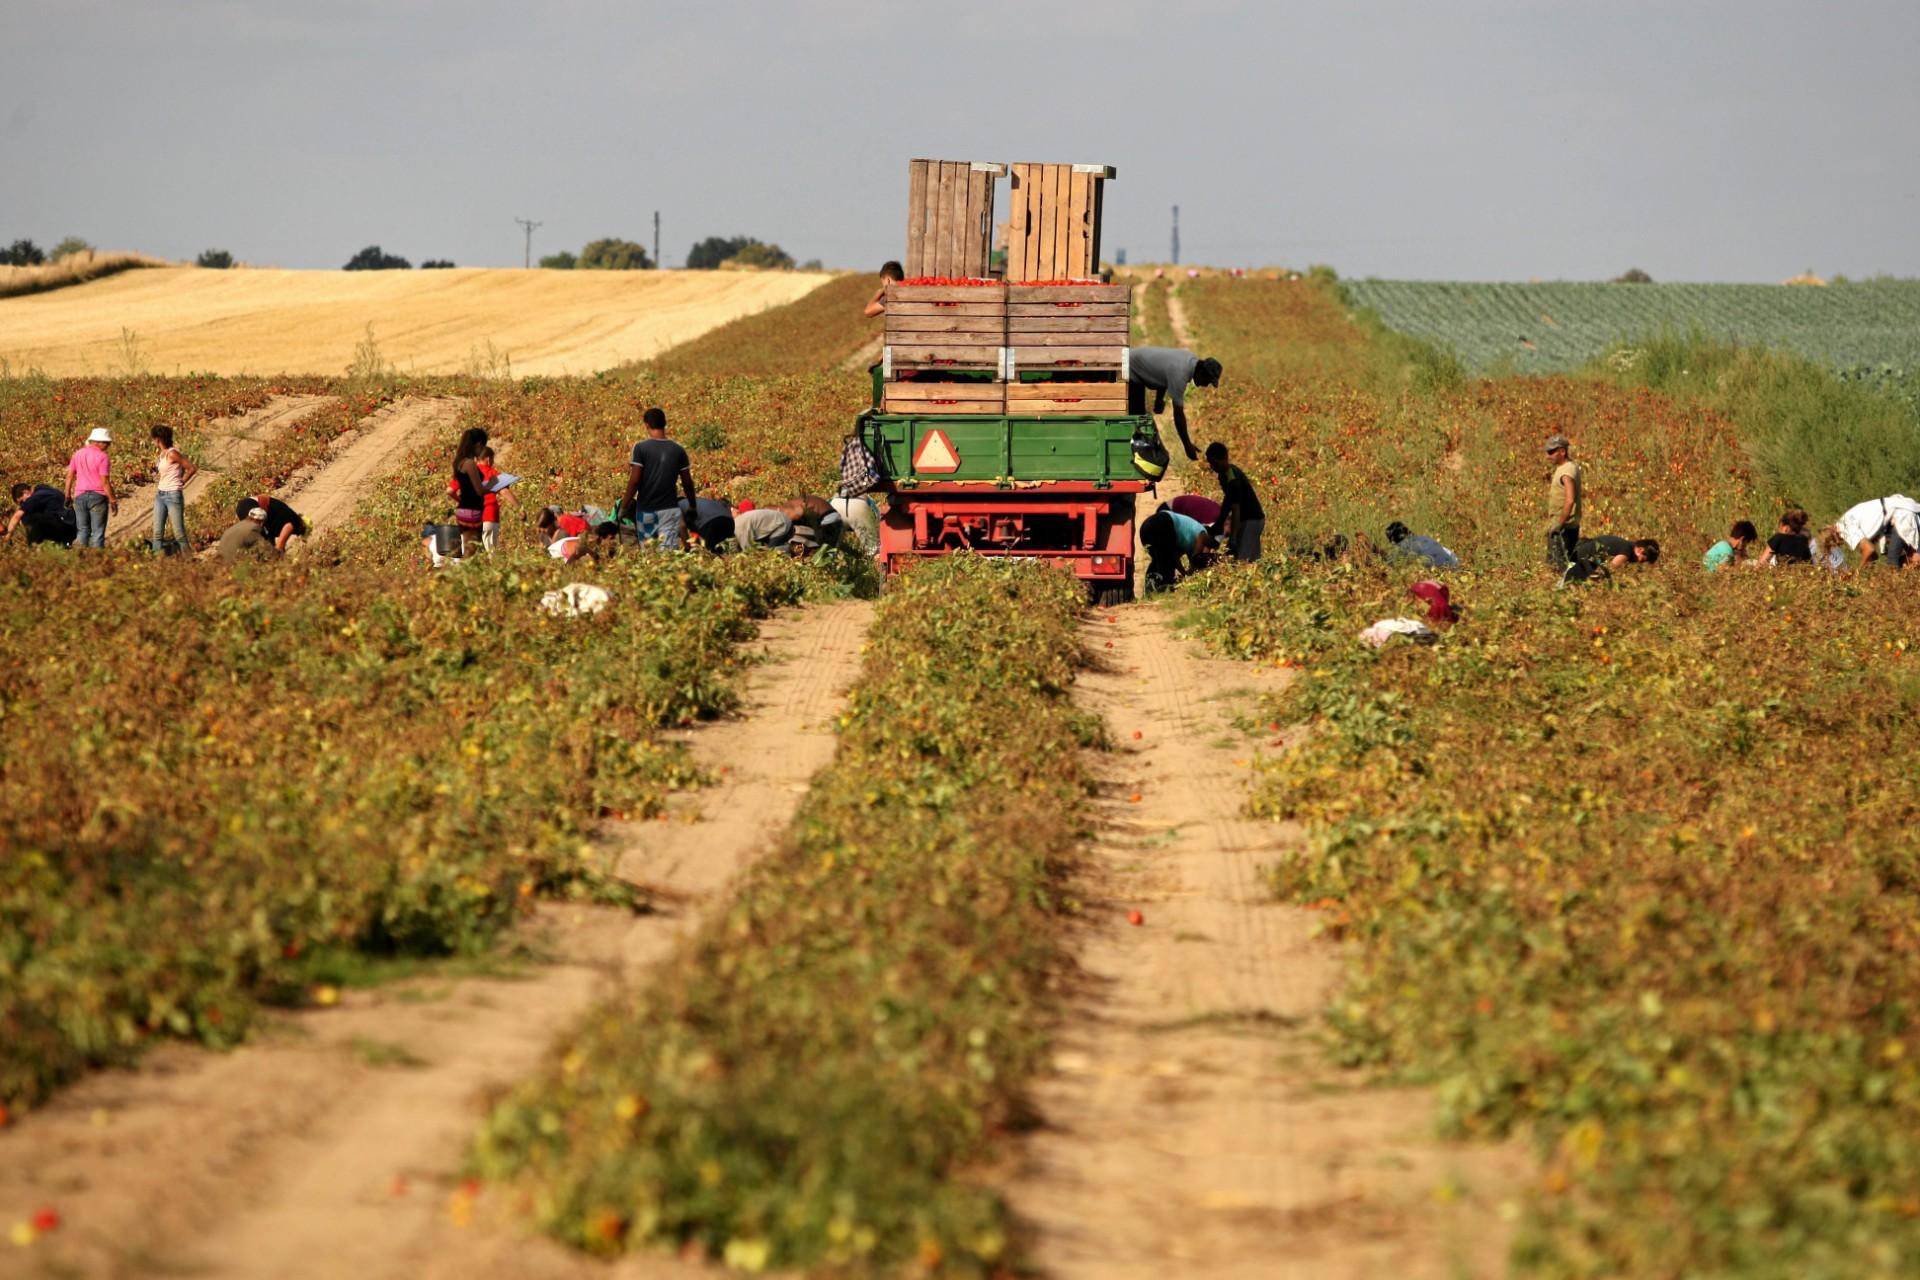 Na suszę wrażliwe są wszystkie uprawy. Jeśli plony będą małe, wzrosną ceny (fot: Jakub Orzechowski/ Agencja Gazeta)